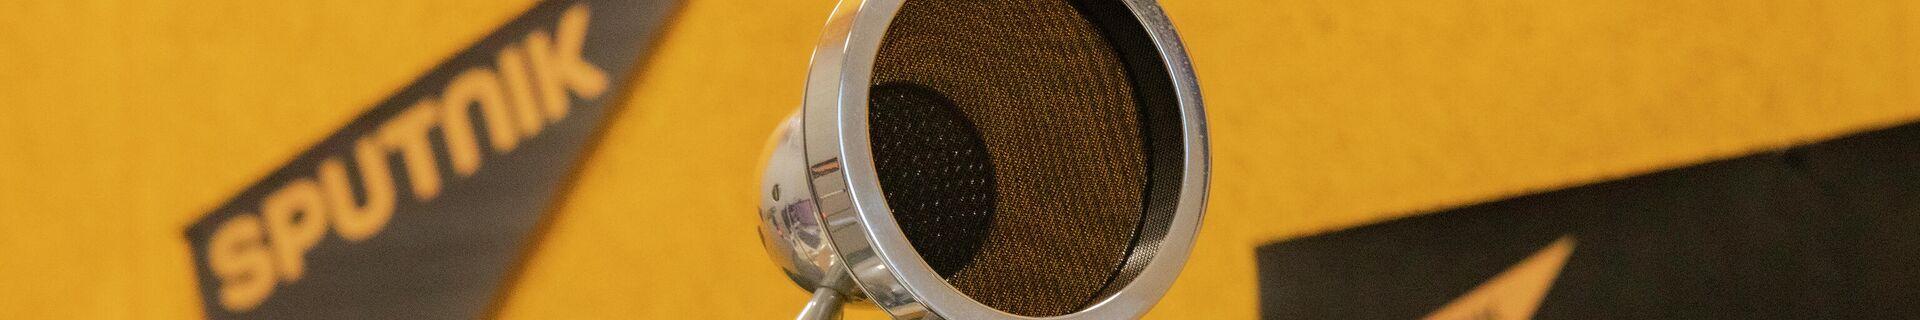 Радио-микрофон - Sputnik Южная Осетия, 1920